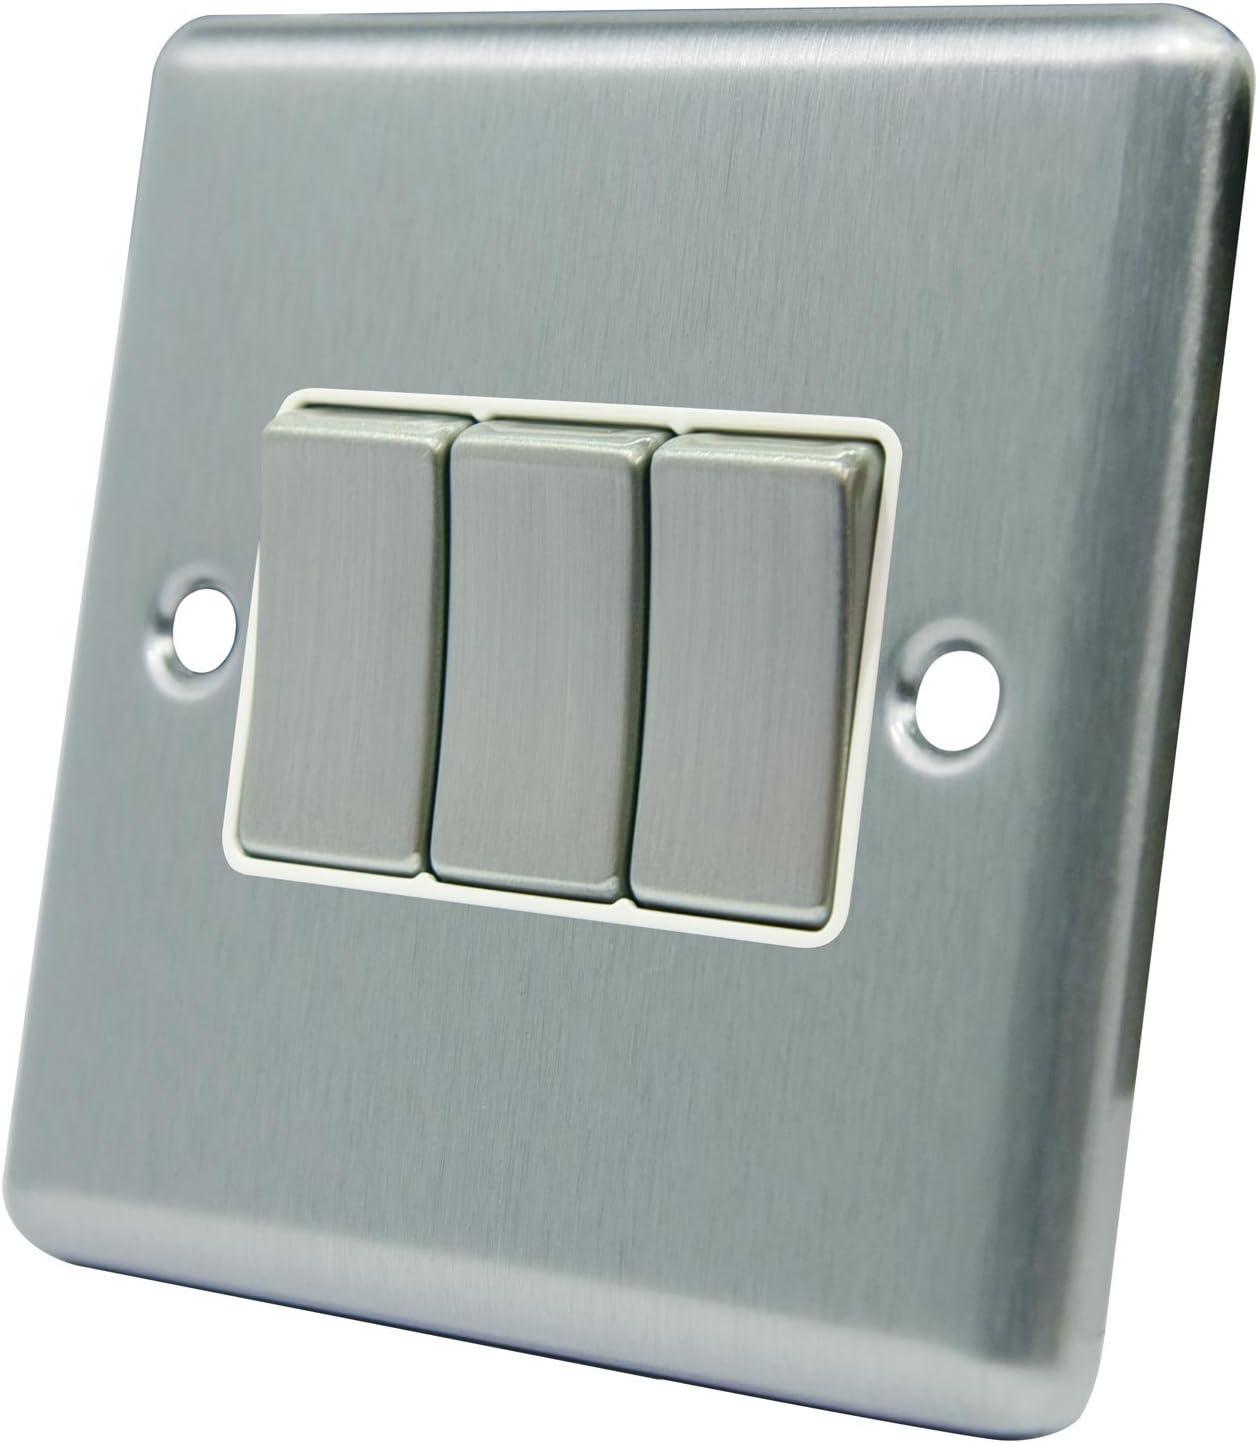 sat/én cromo mate cuadrado inserto blanco Interruptor de la luz de triple banda 3 interruptor basculante de metal A5 Products 10 amperios 3 bandas de 2 v/ías